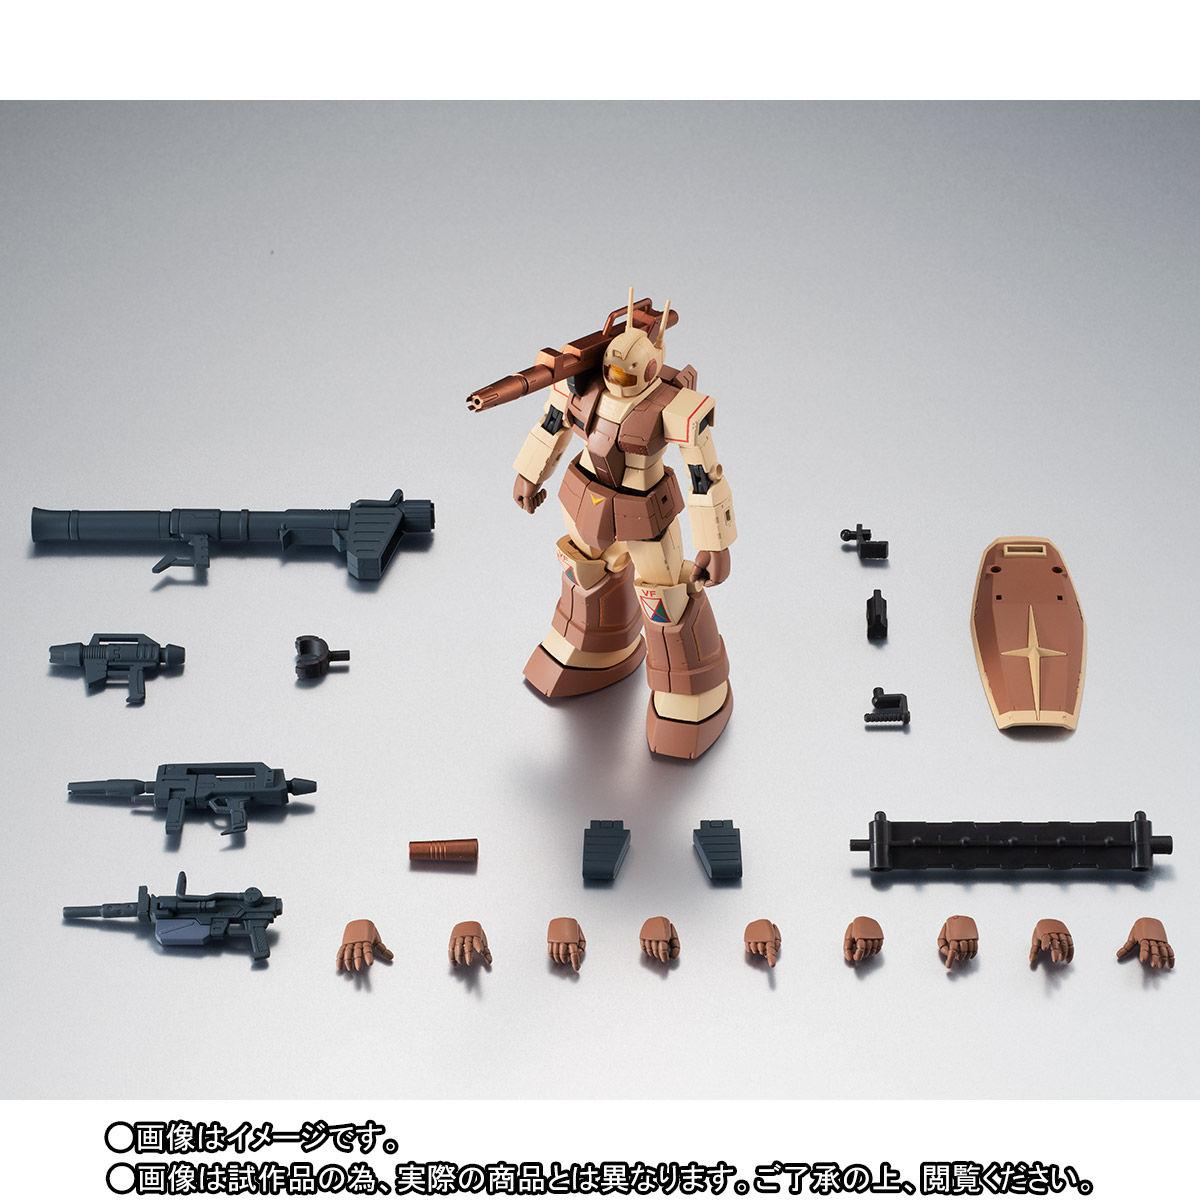 【限定販売】ROBOT魂〈SIDE MS〉『RGC-80 ジム・キャノン アフリカ戦線仕様 ver. A.N.I.M.E.』ガンダムMSV 可動フィギュア-010